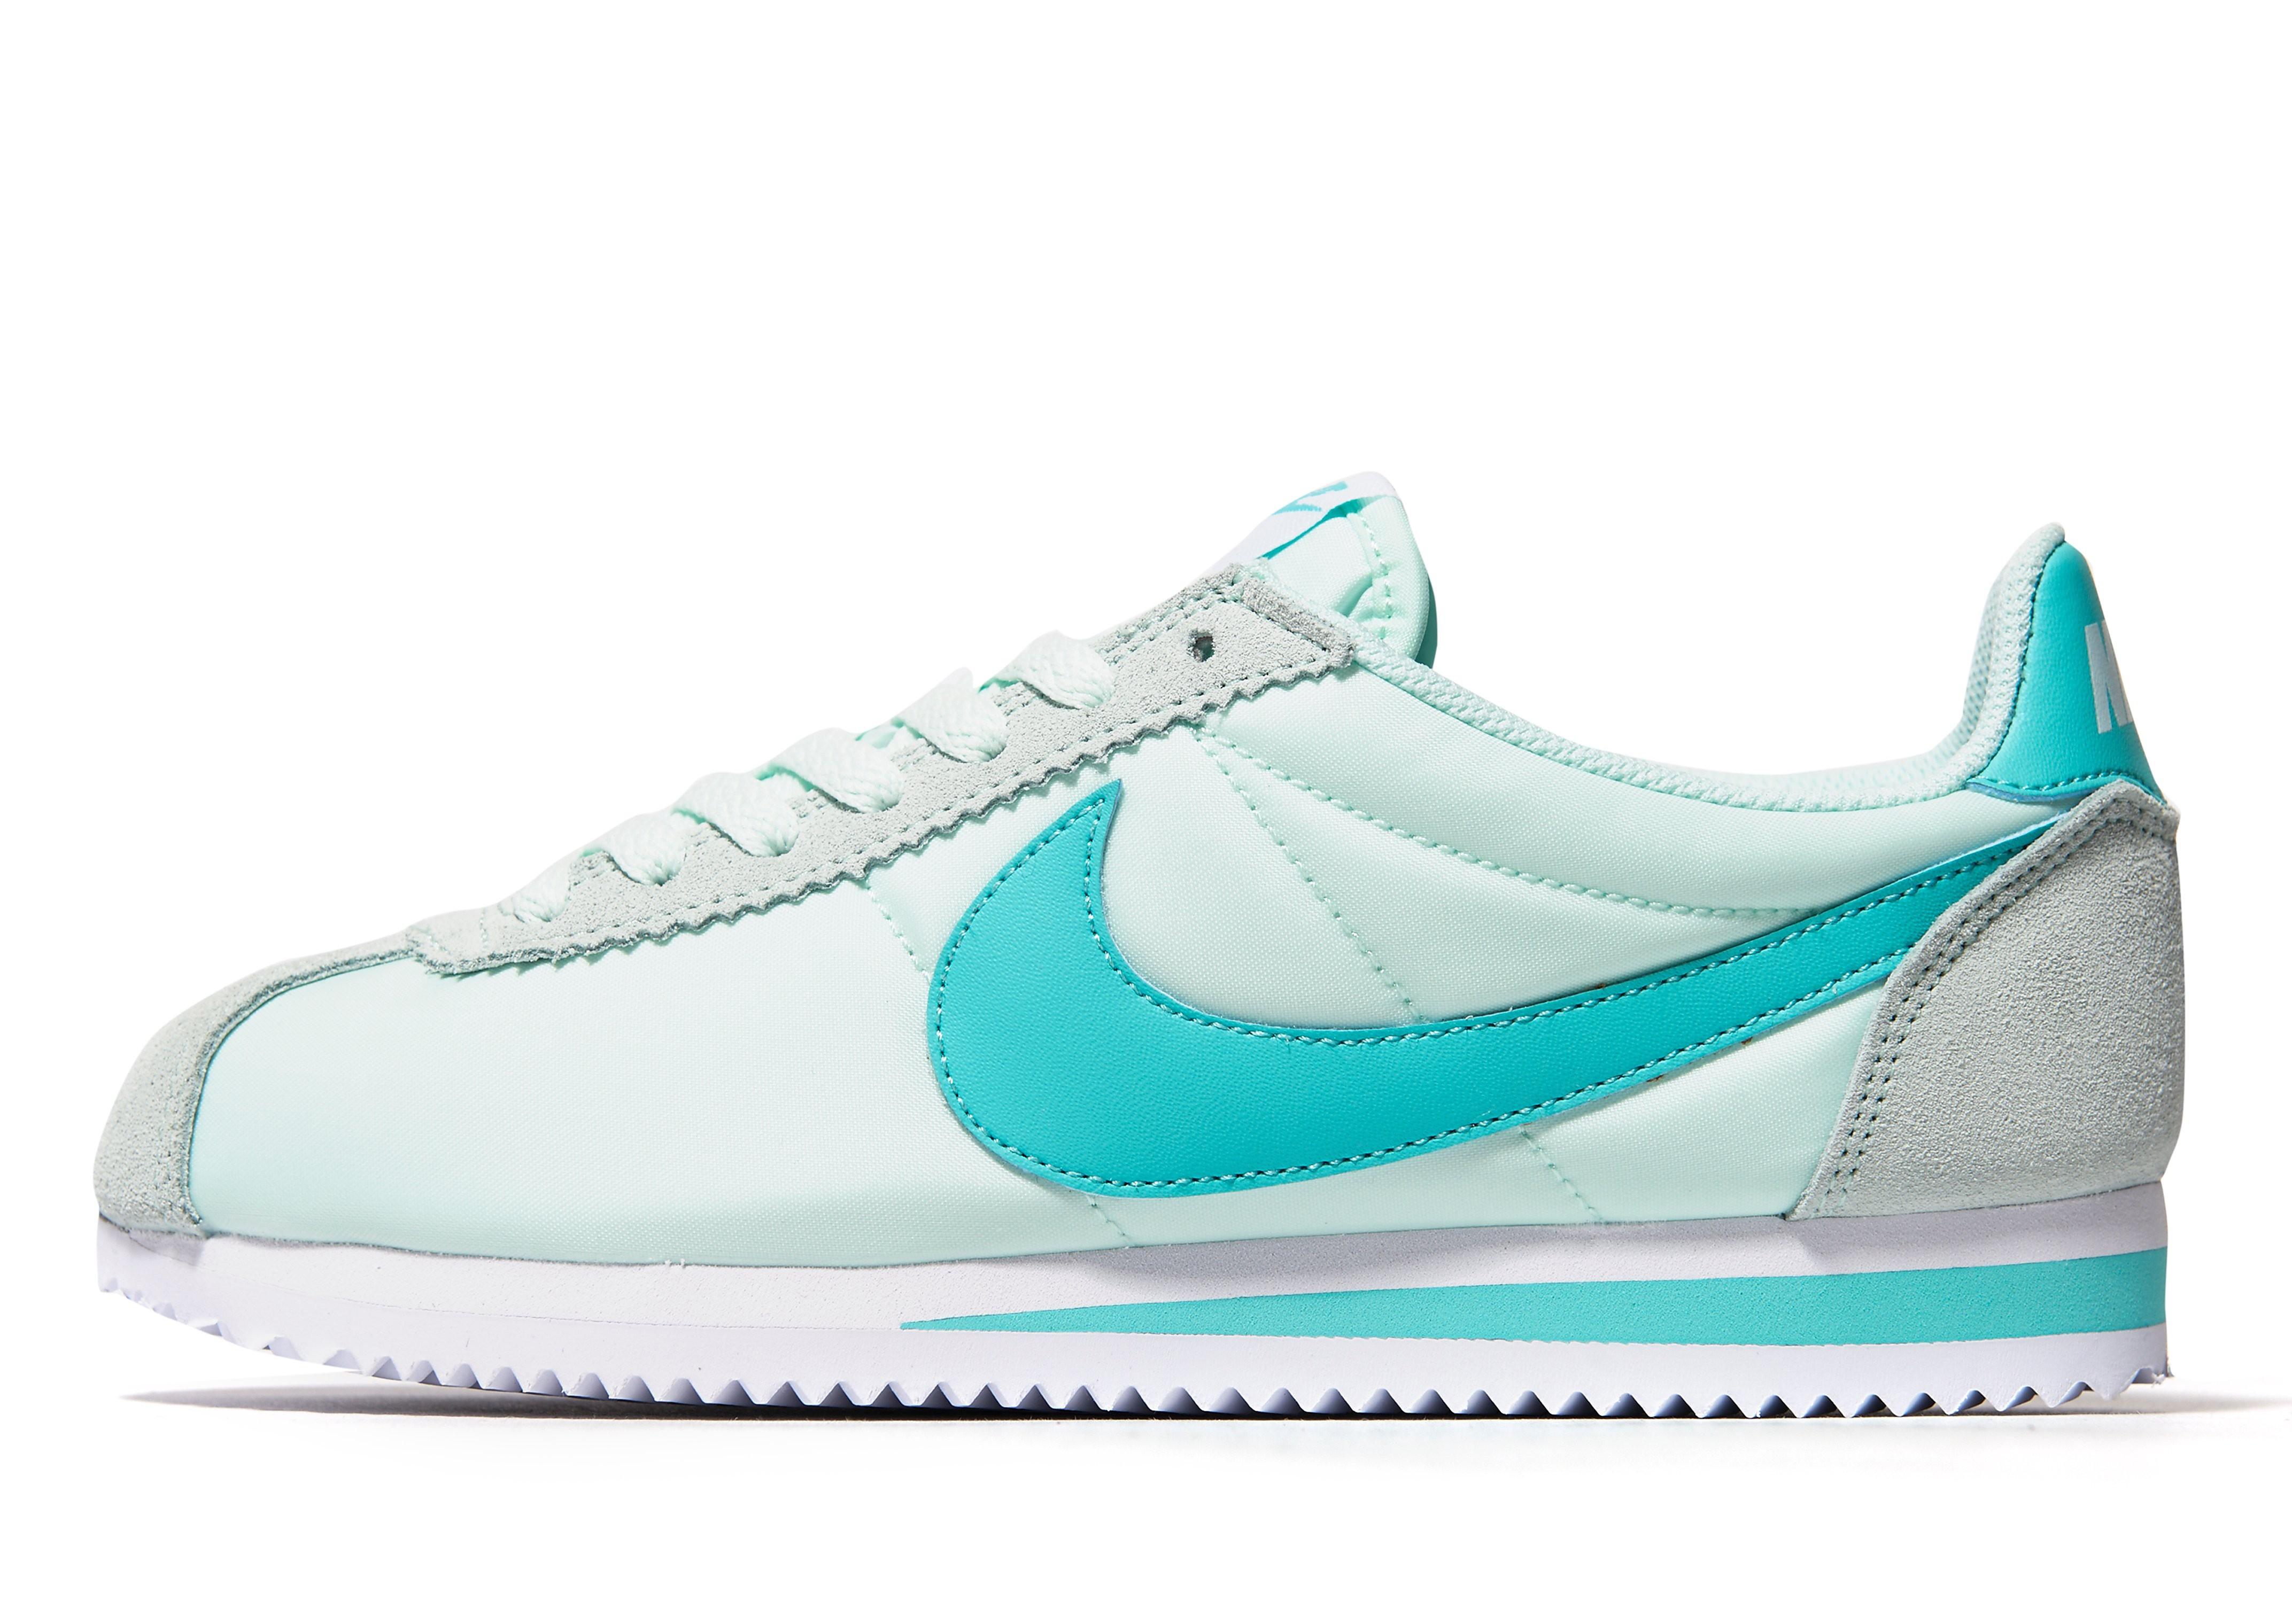 Nike Cortez OG Femme